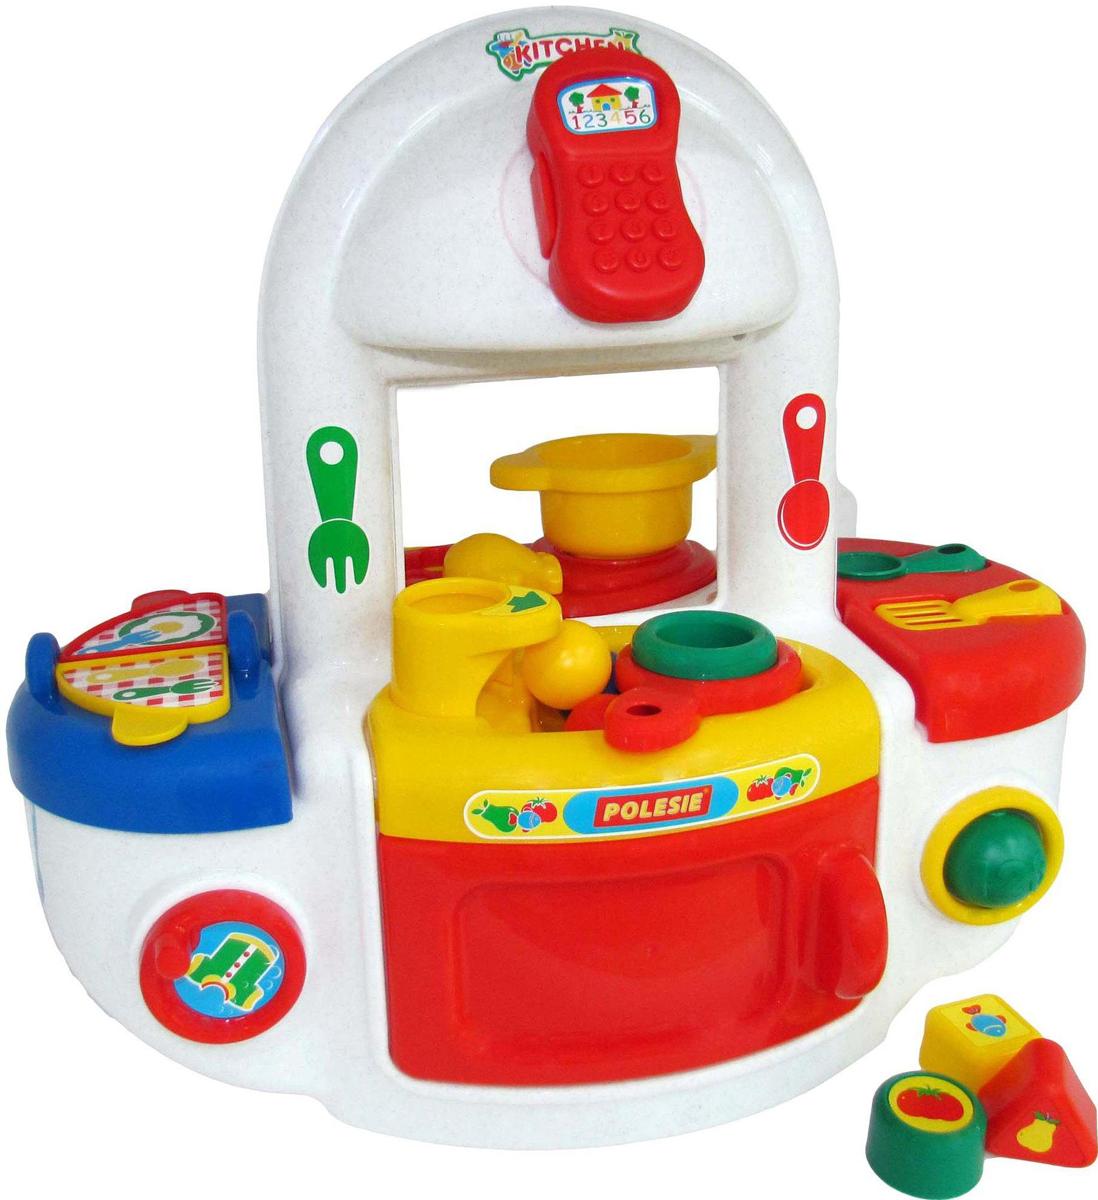 Полесье Игровой набор Кухня 9197, цвет в ассортименте полесье игровой набор кухня laura 56313 цвет в ассортименте